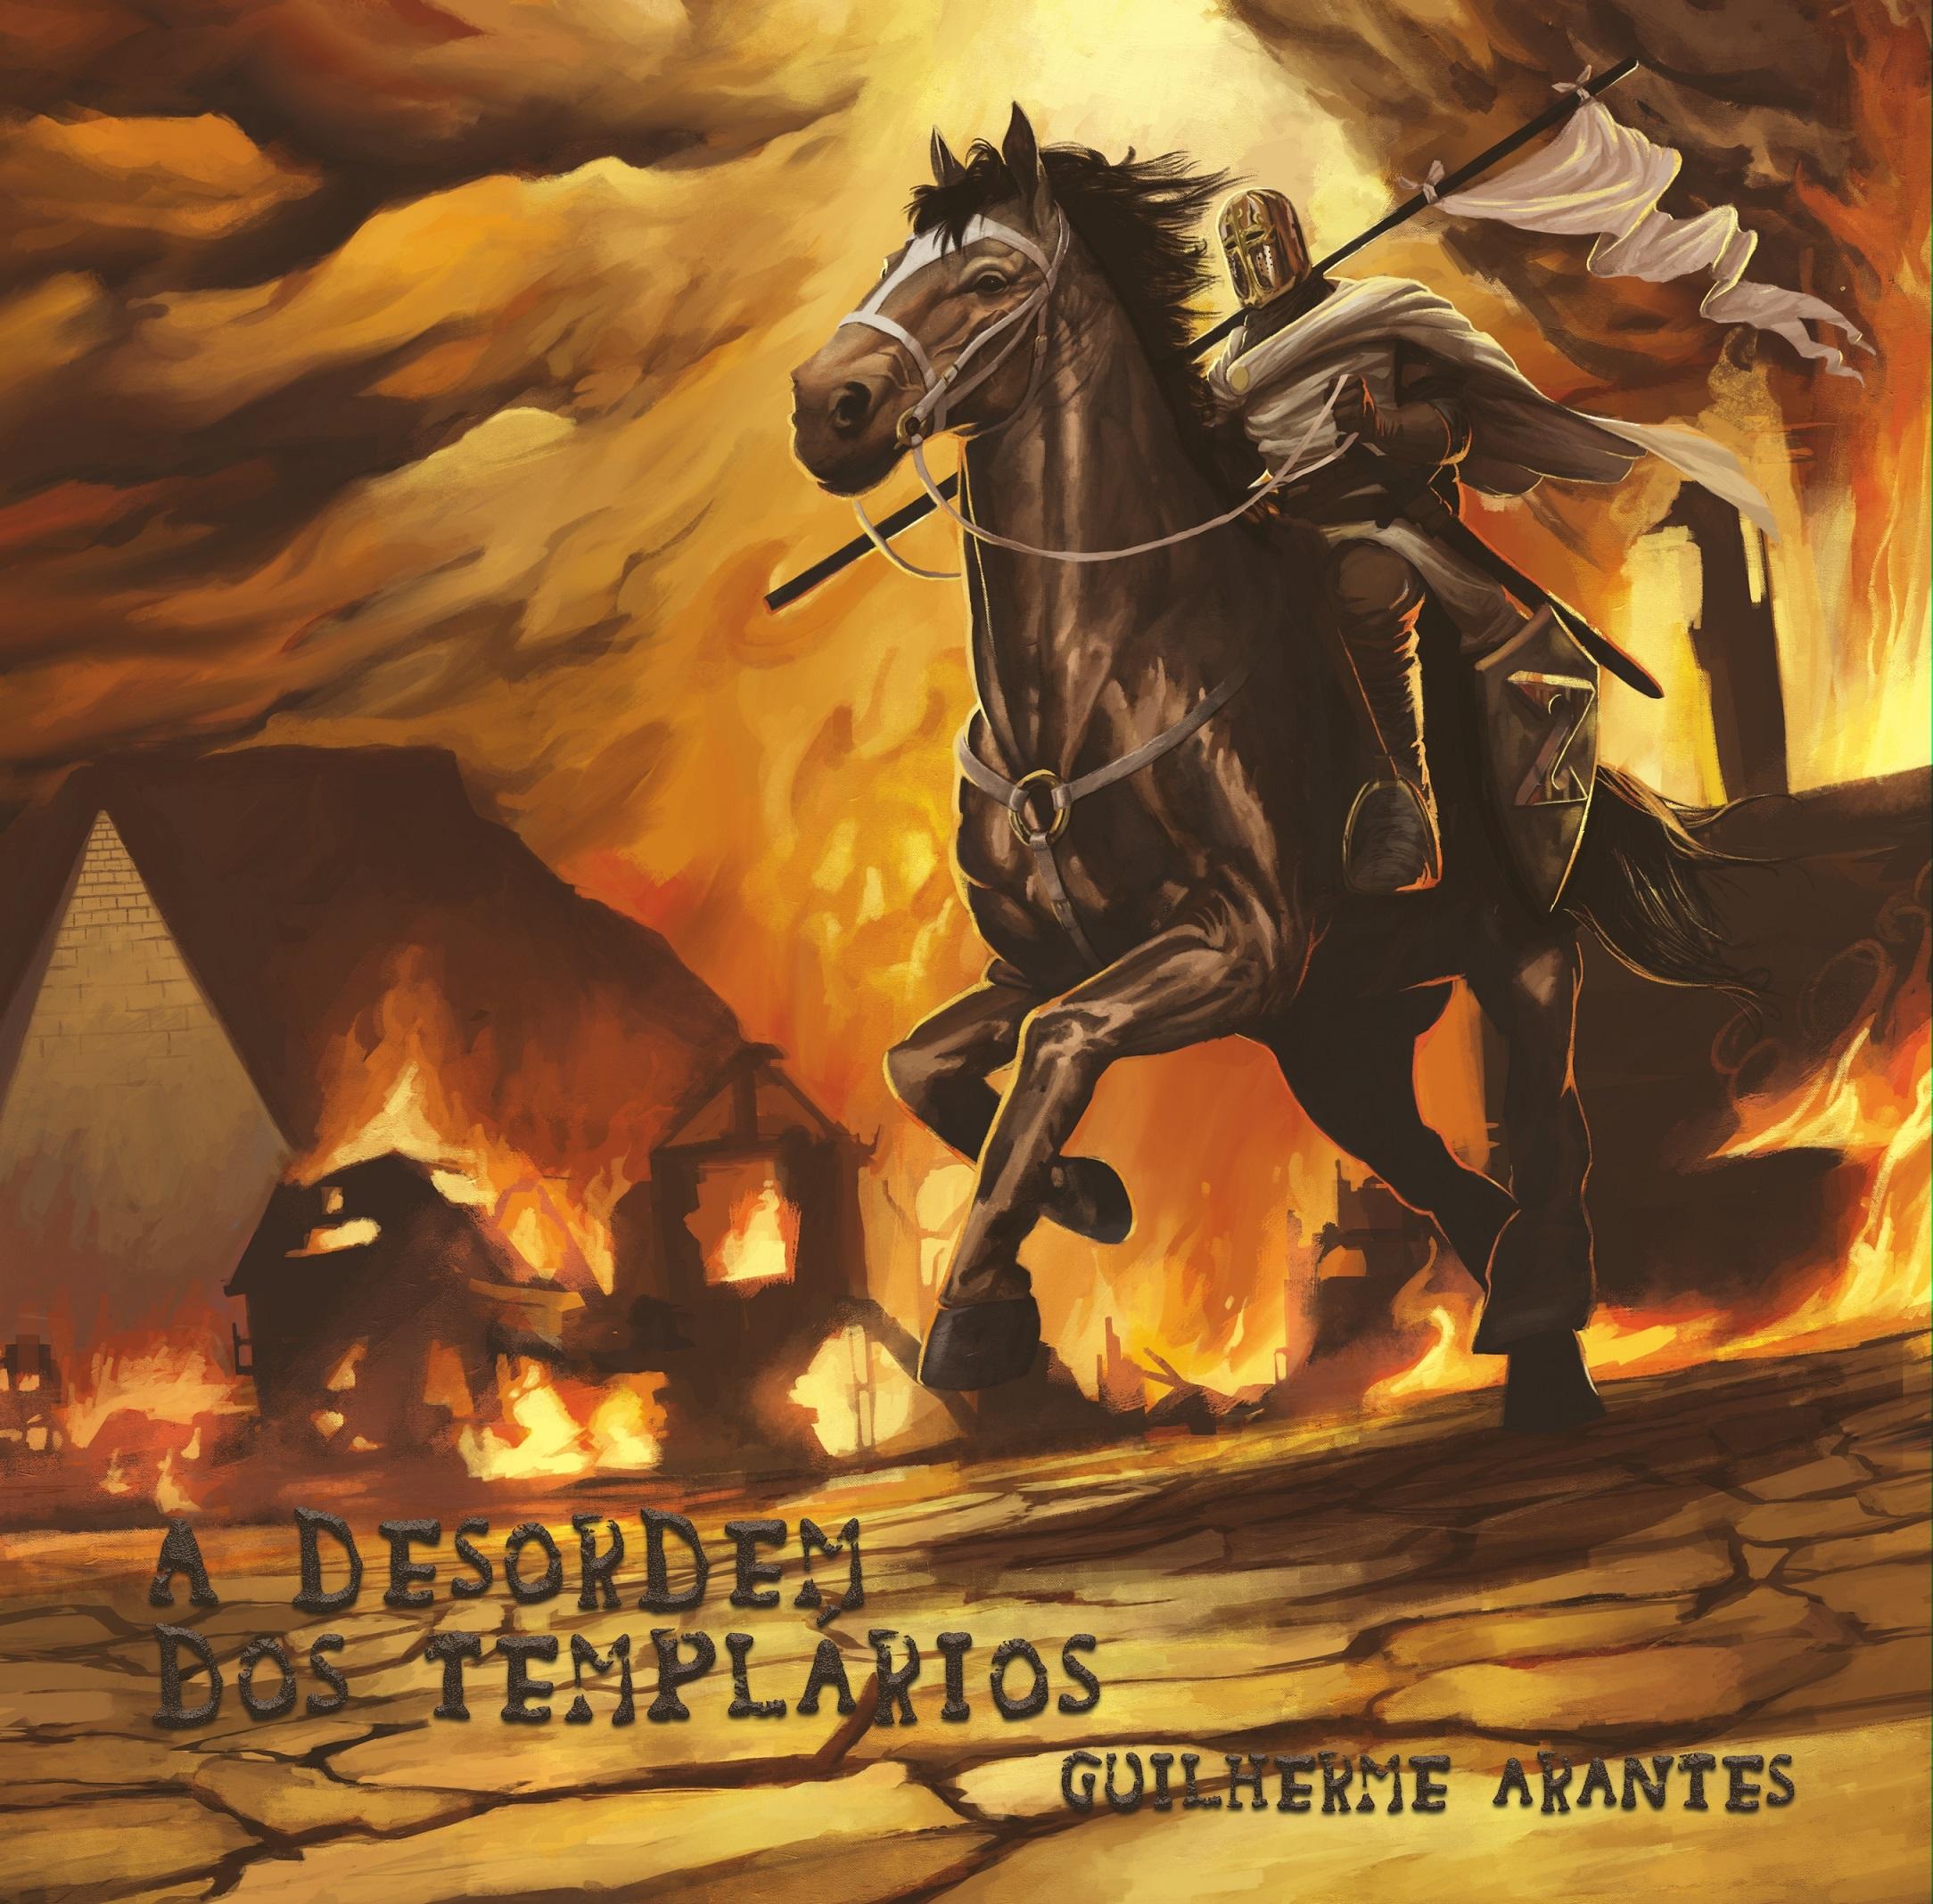 Capa do álbum A Desordem dos Templários